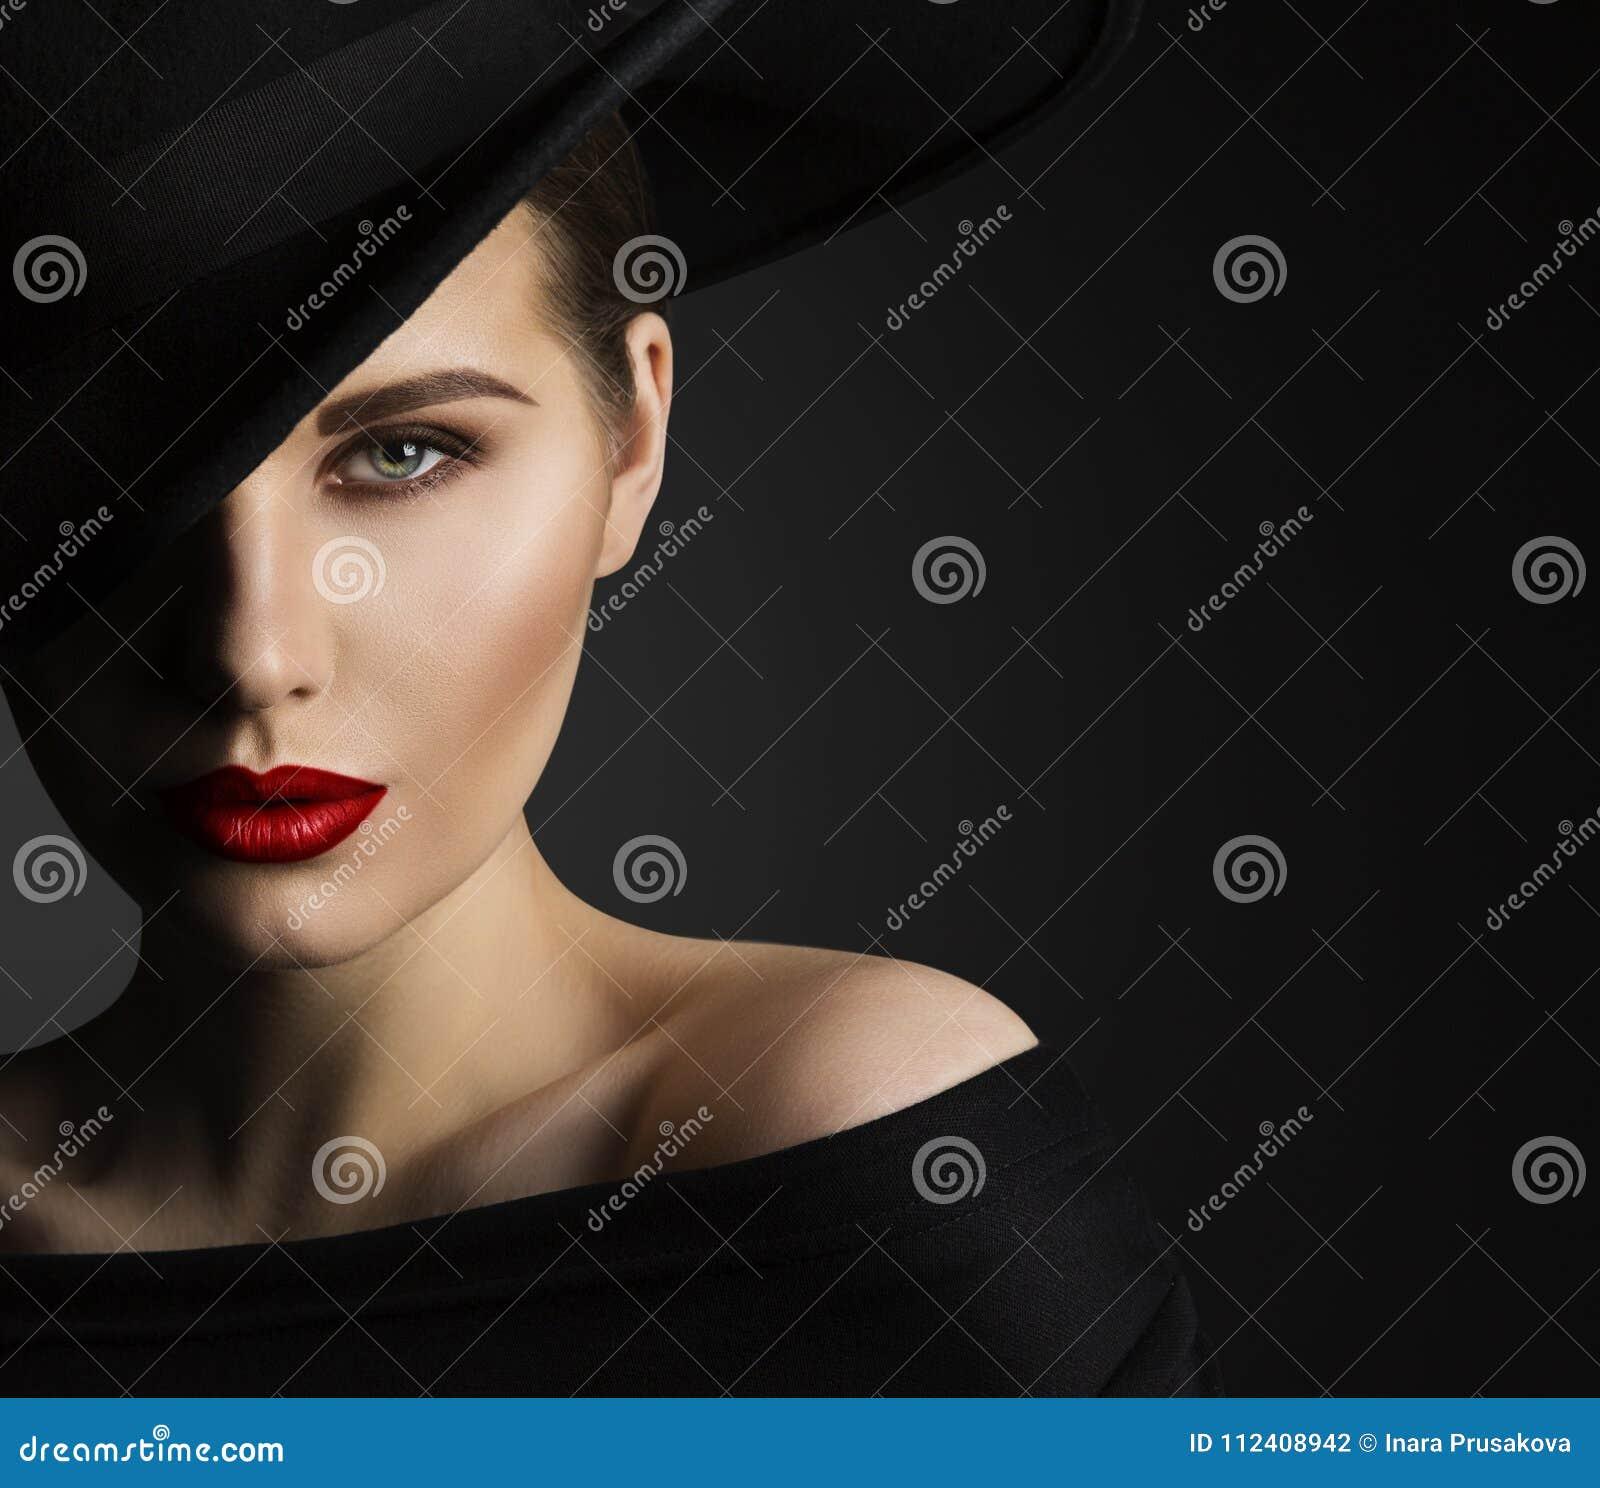 Modello di moda Beauty Portrait, bellezza della donna, black hat elegante